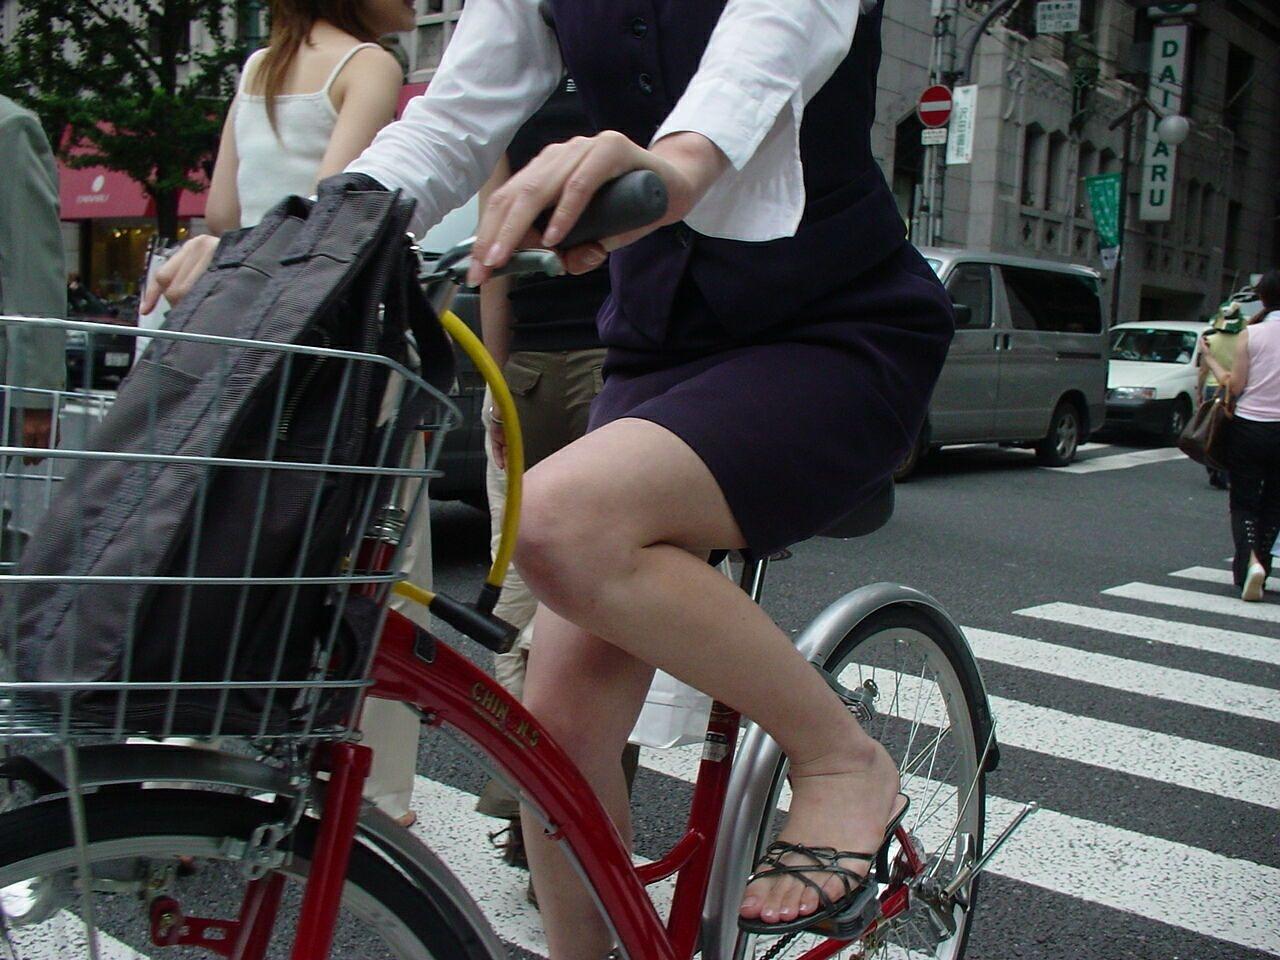 極度の内股で自転車を漕ぎクリオナするOLエロ画像4枚目